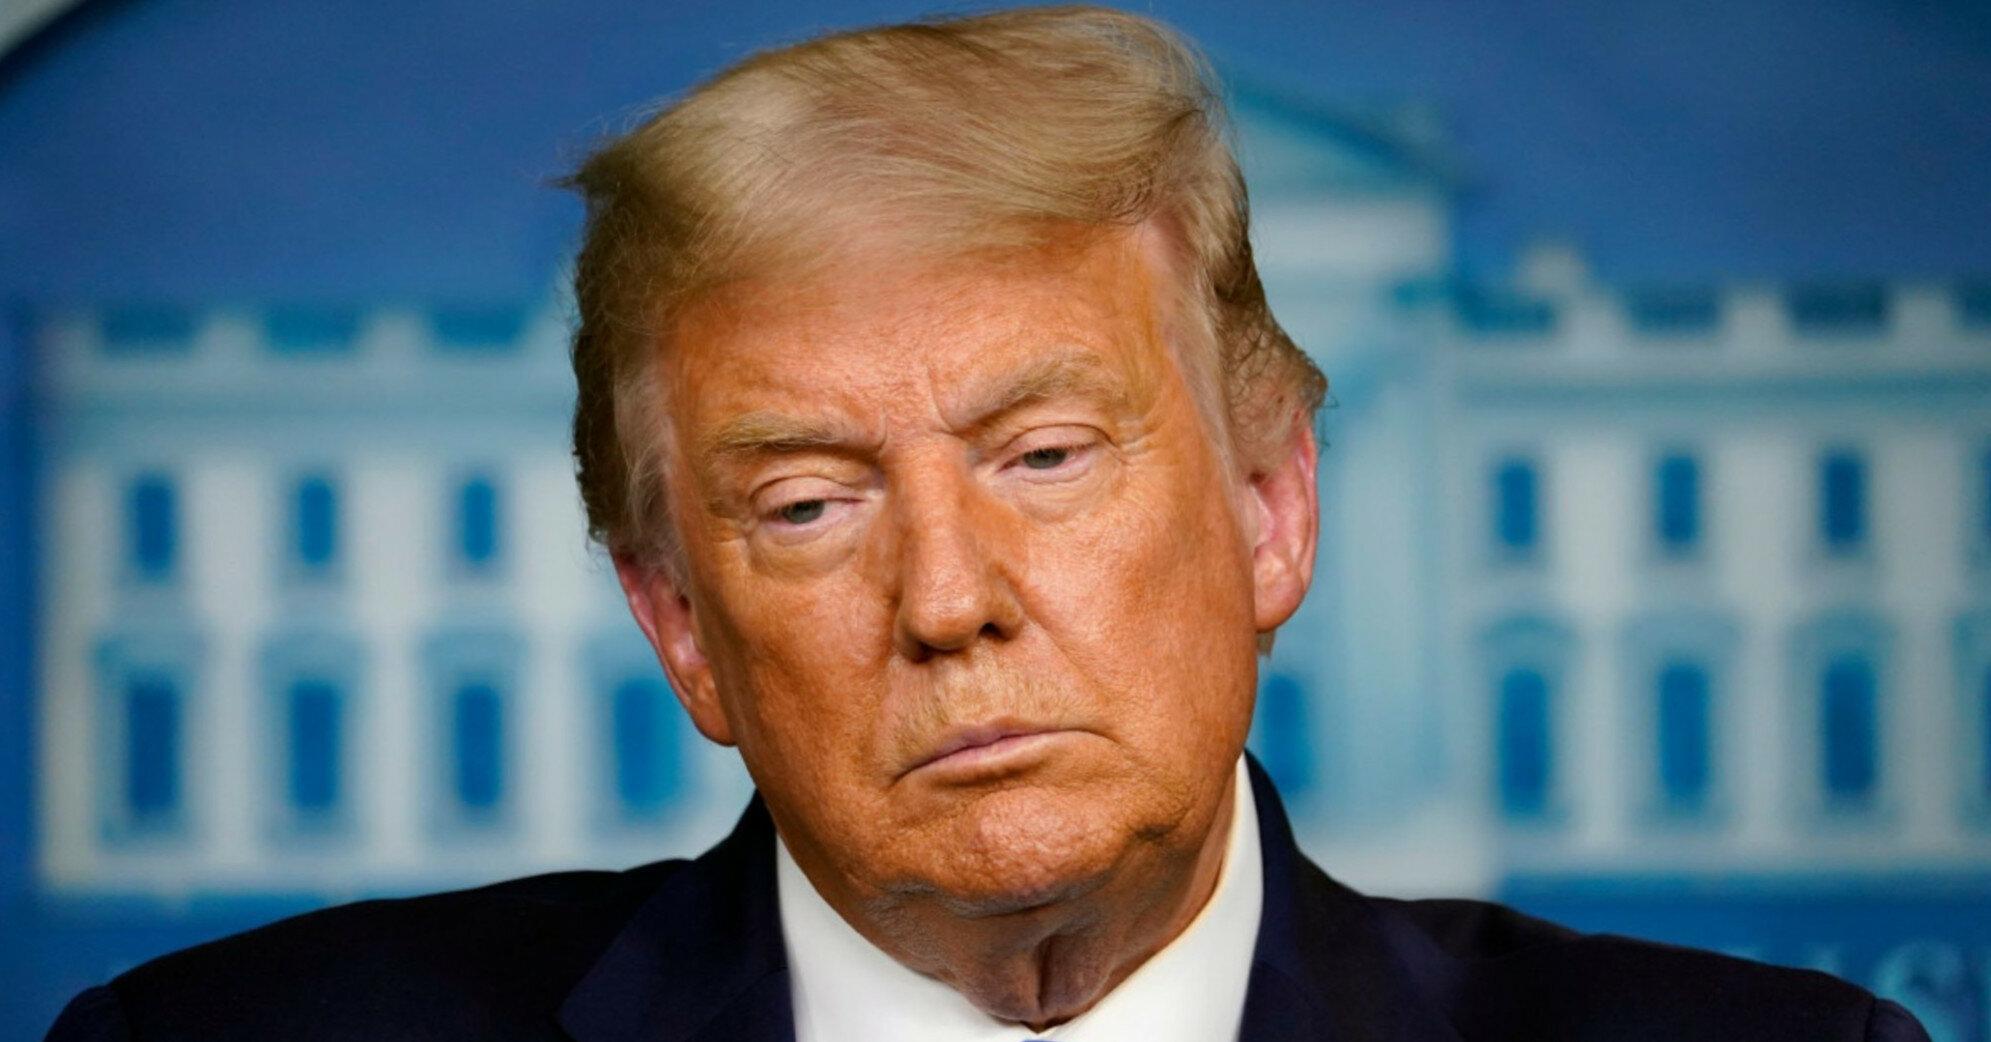 Трамп намерен доказать, что у него украли победу на выборах